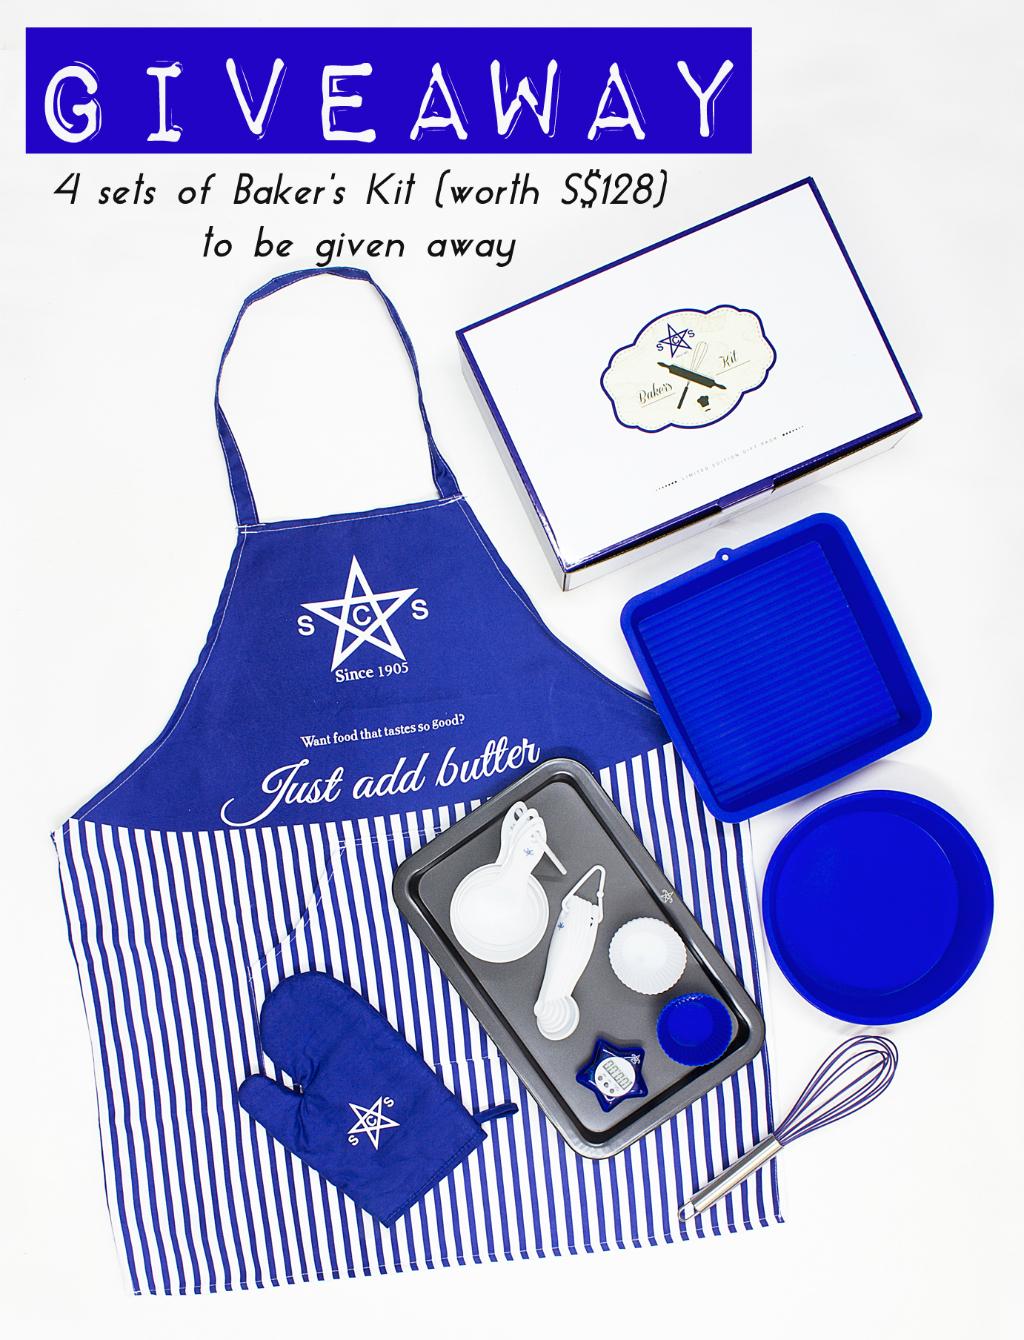 Baker's Kit1